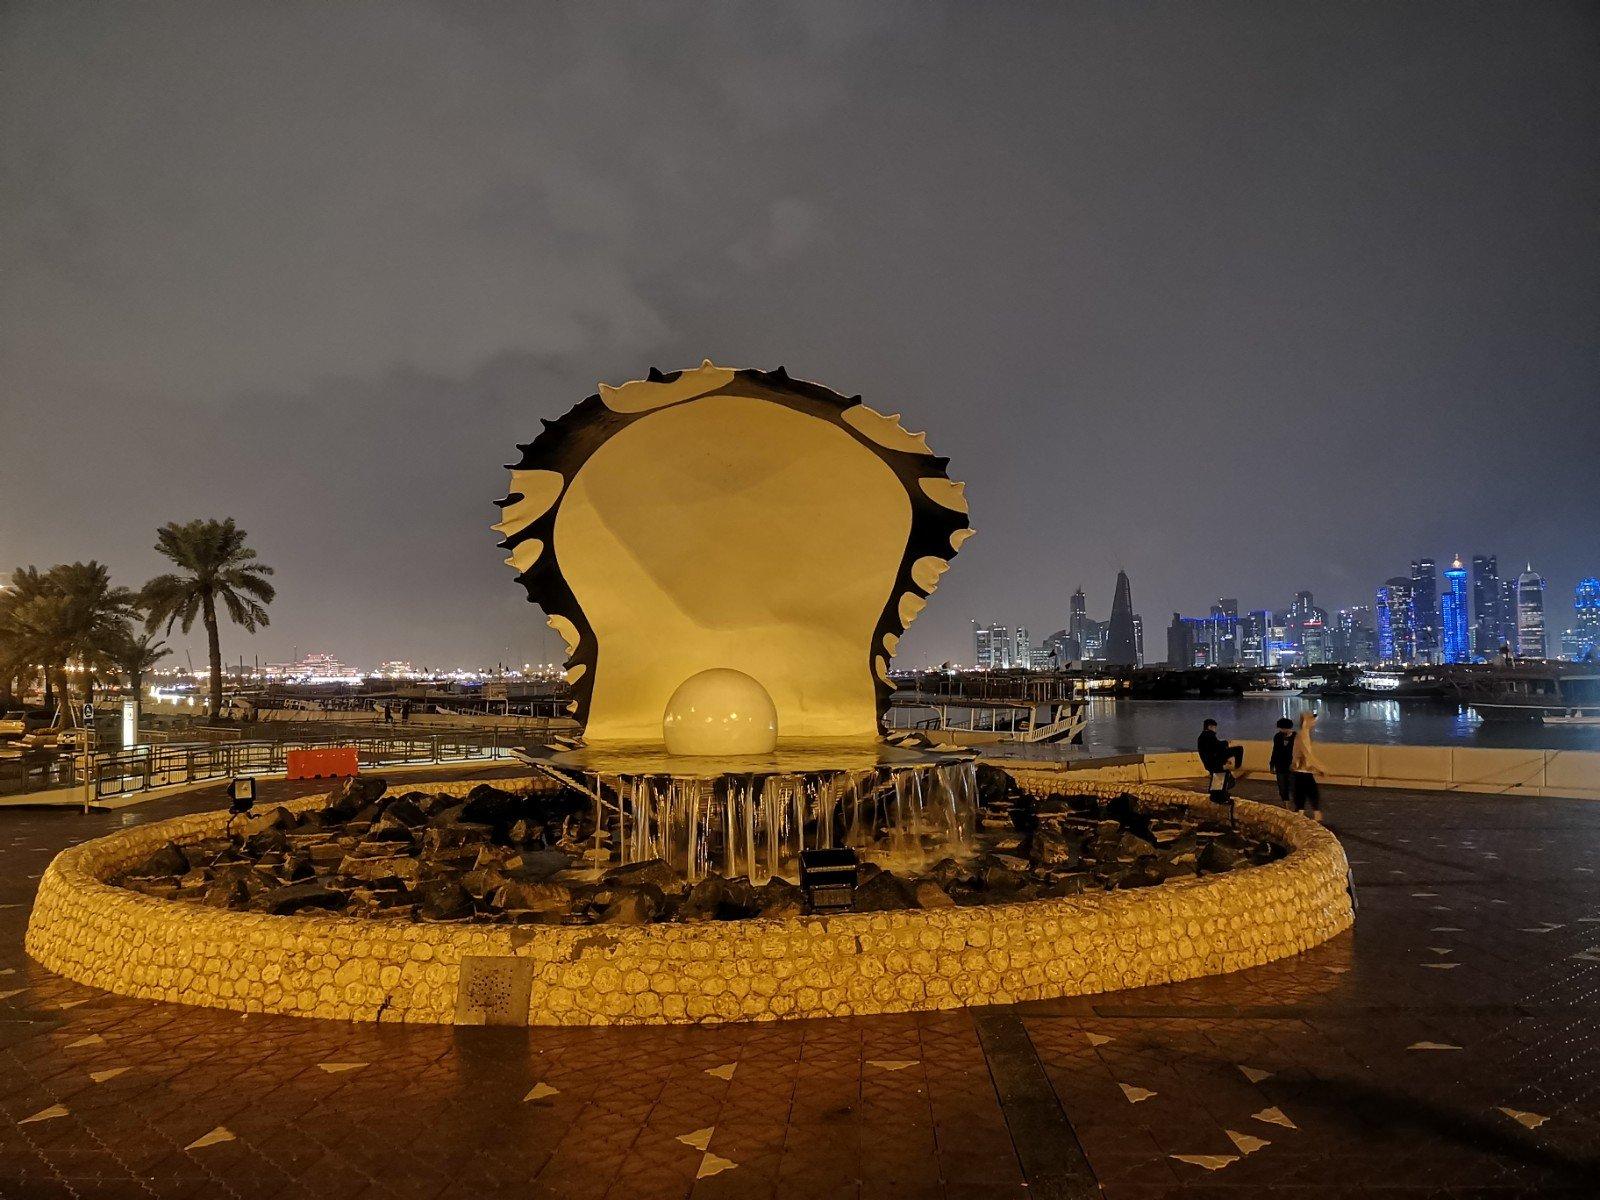 Perła Kataru, w tle jakieś niewysokie budyneczki